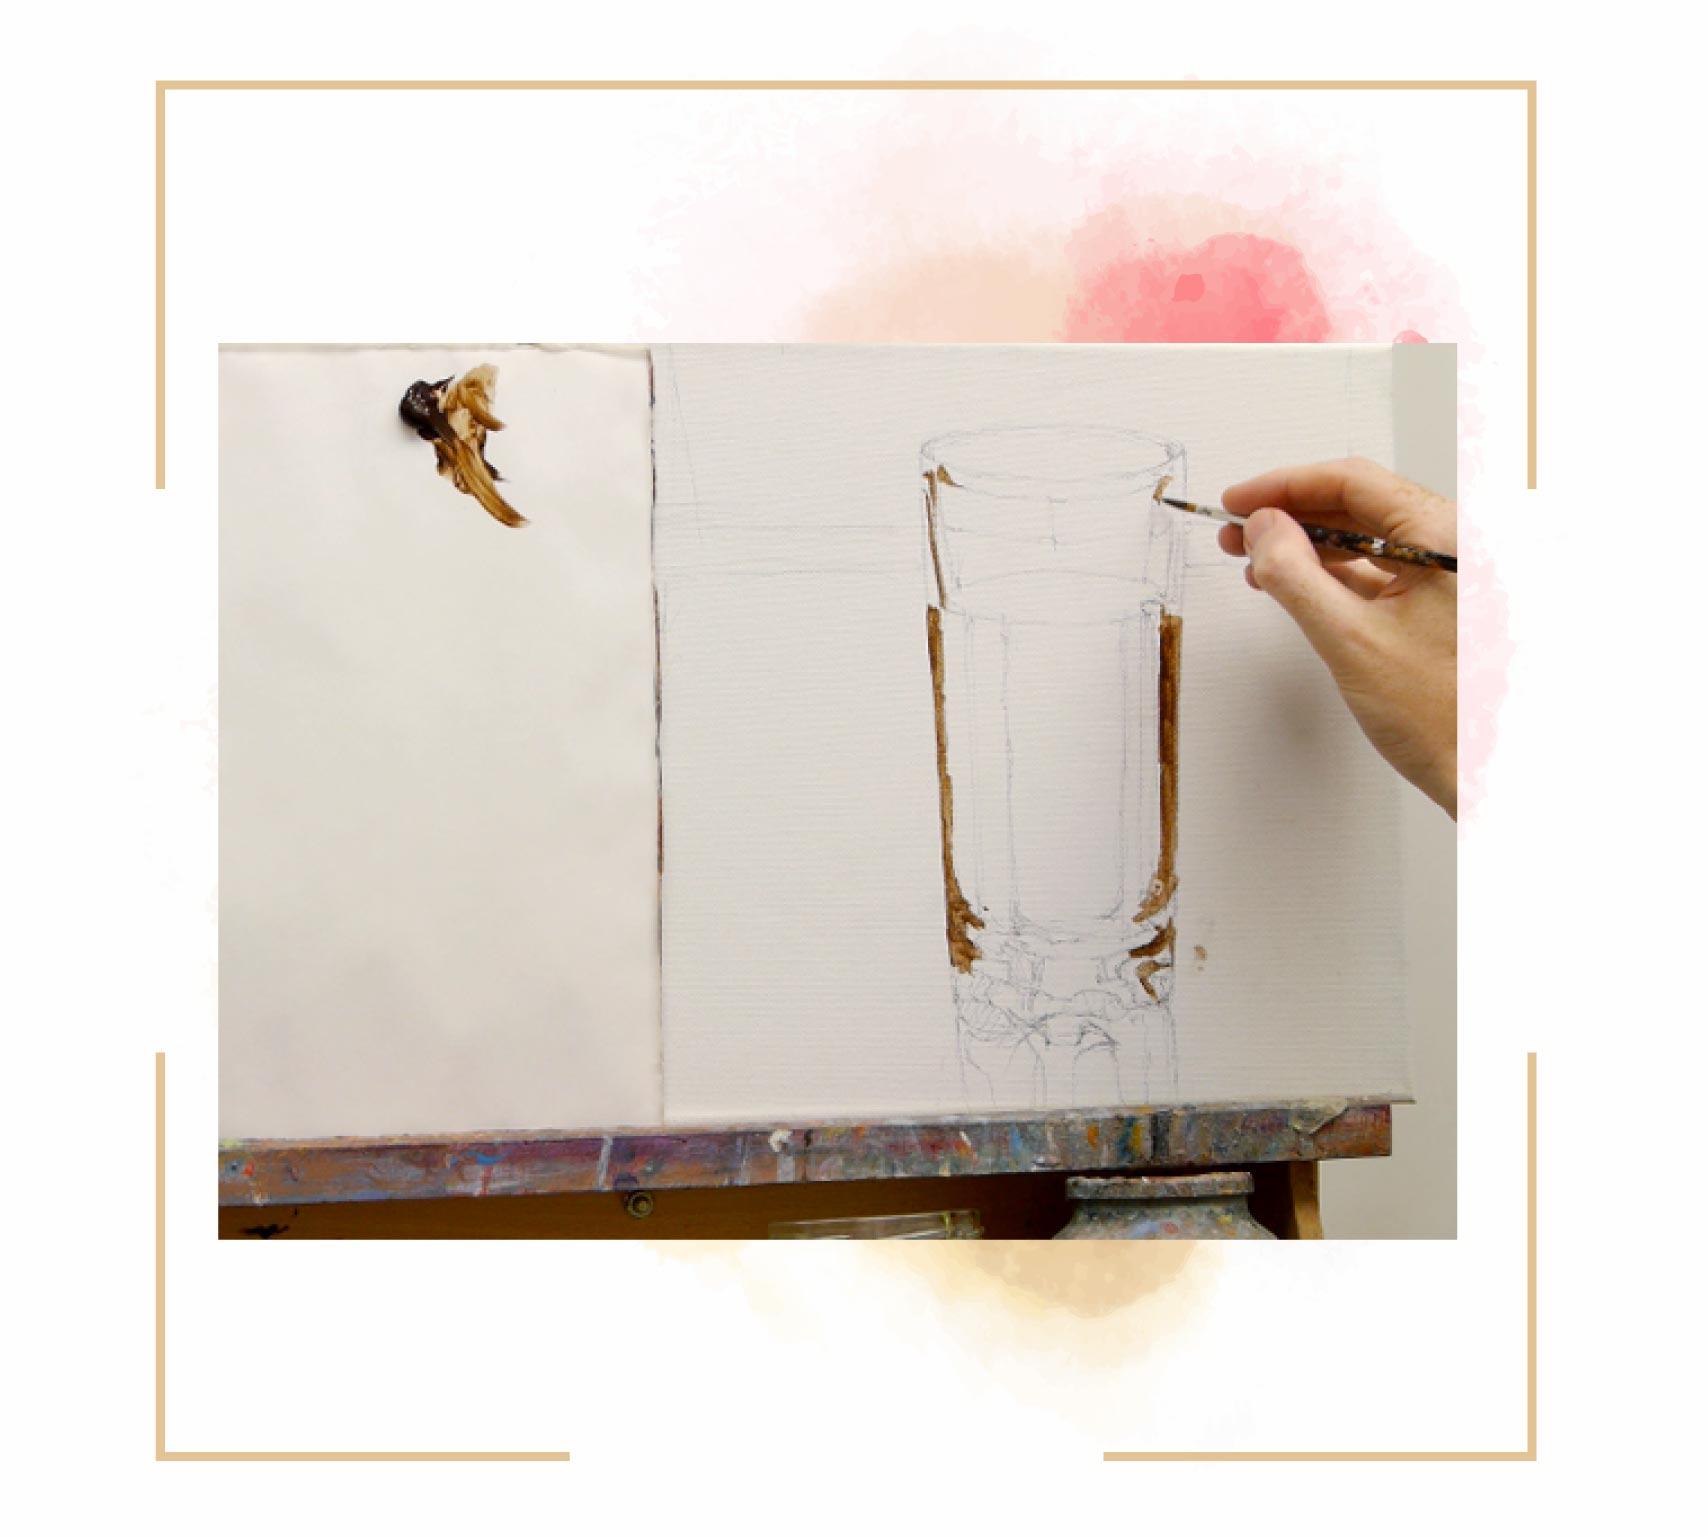 آموزش نقاشی لیوان تکنیک آبرنگ